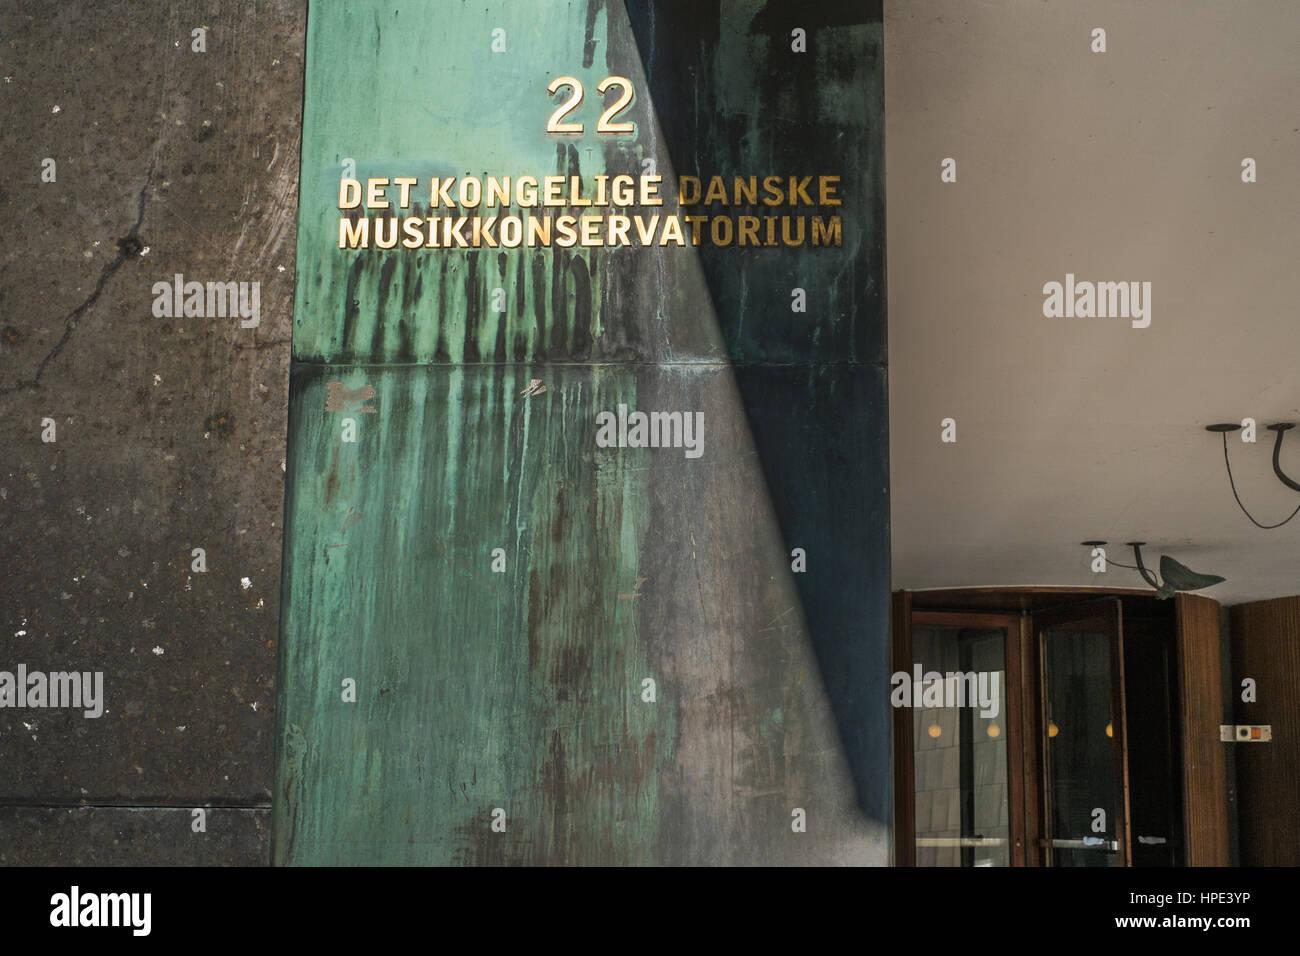 Radiohuset, el Museo de la música danesa y la Real Academia Danesa de música, Copenhague Foto de stock